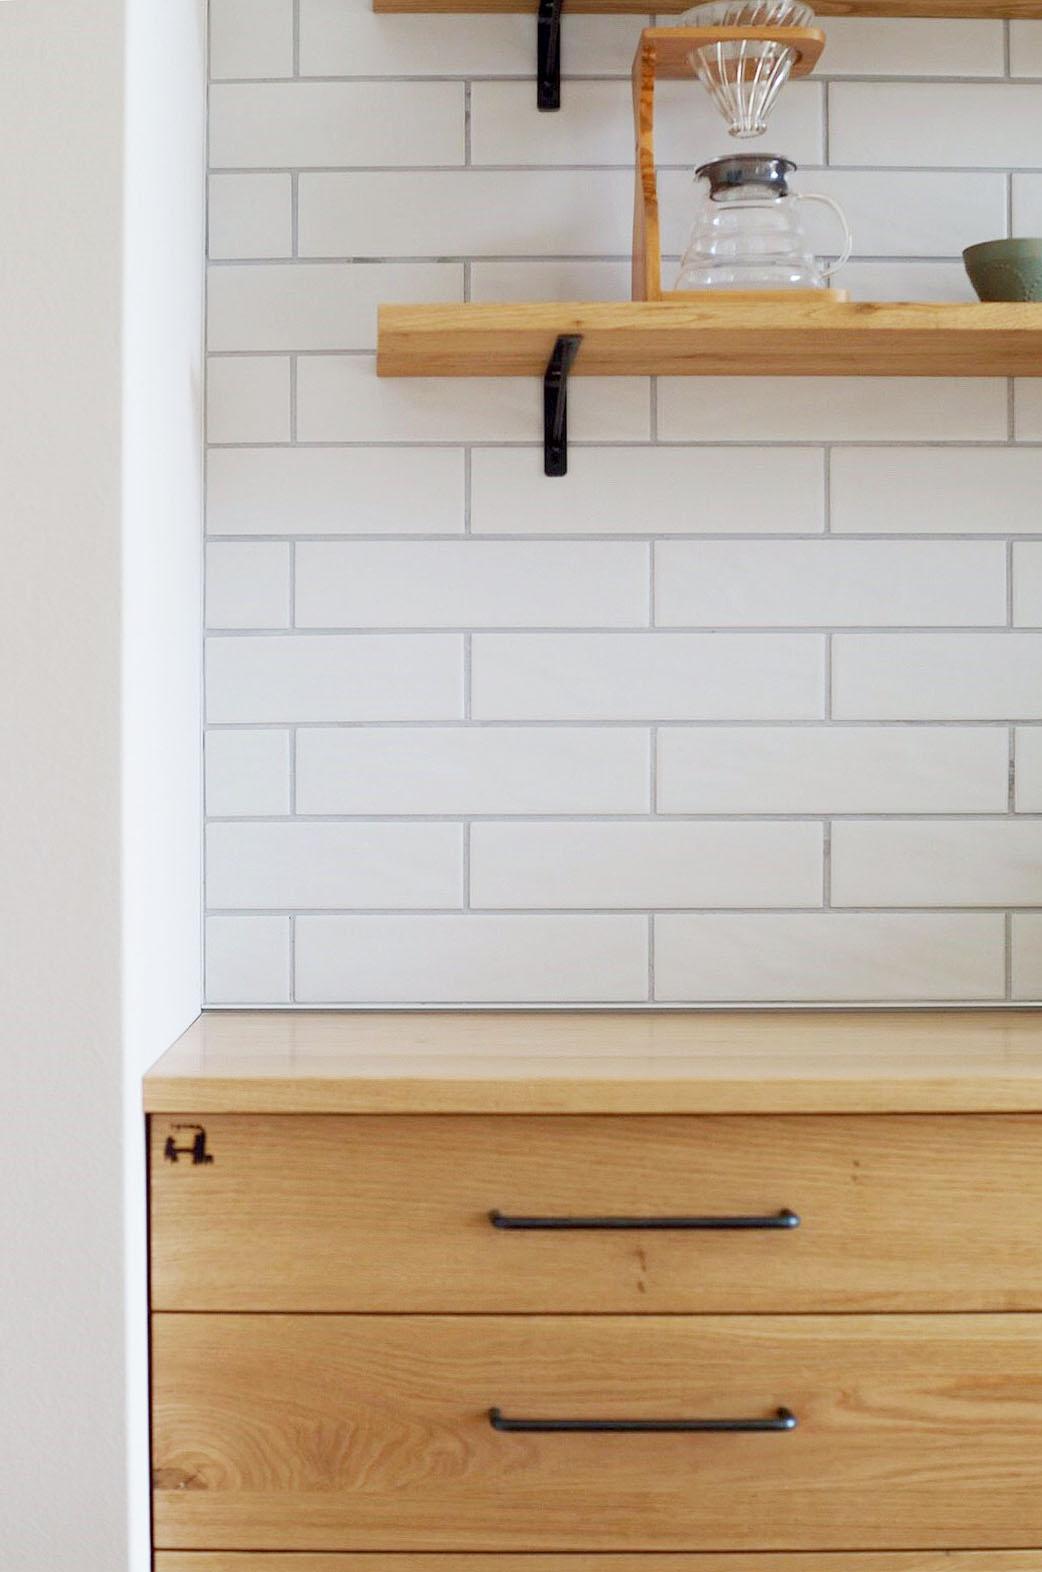 オーダー家具・カップボード食器棚/焼印